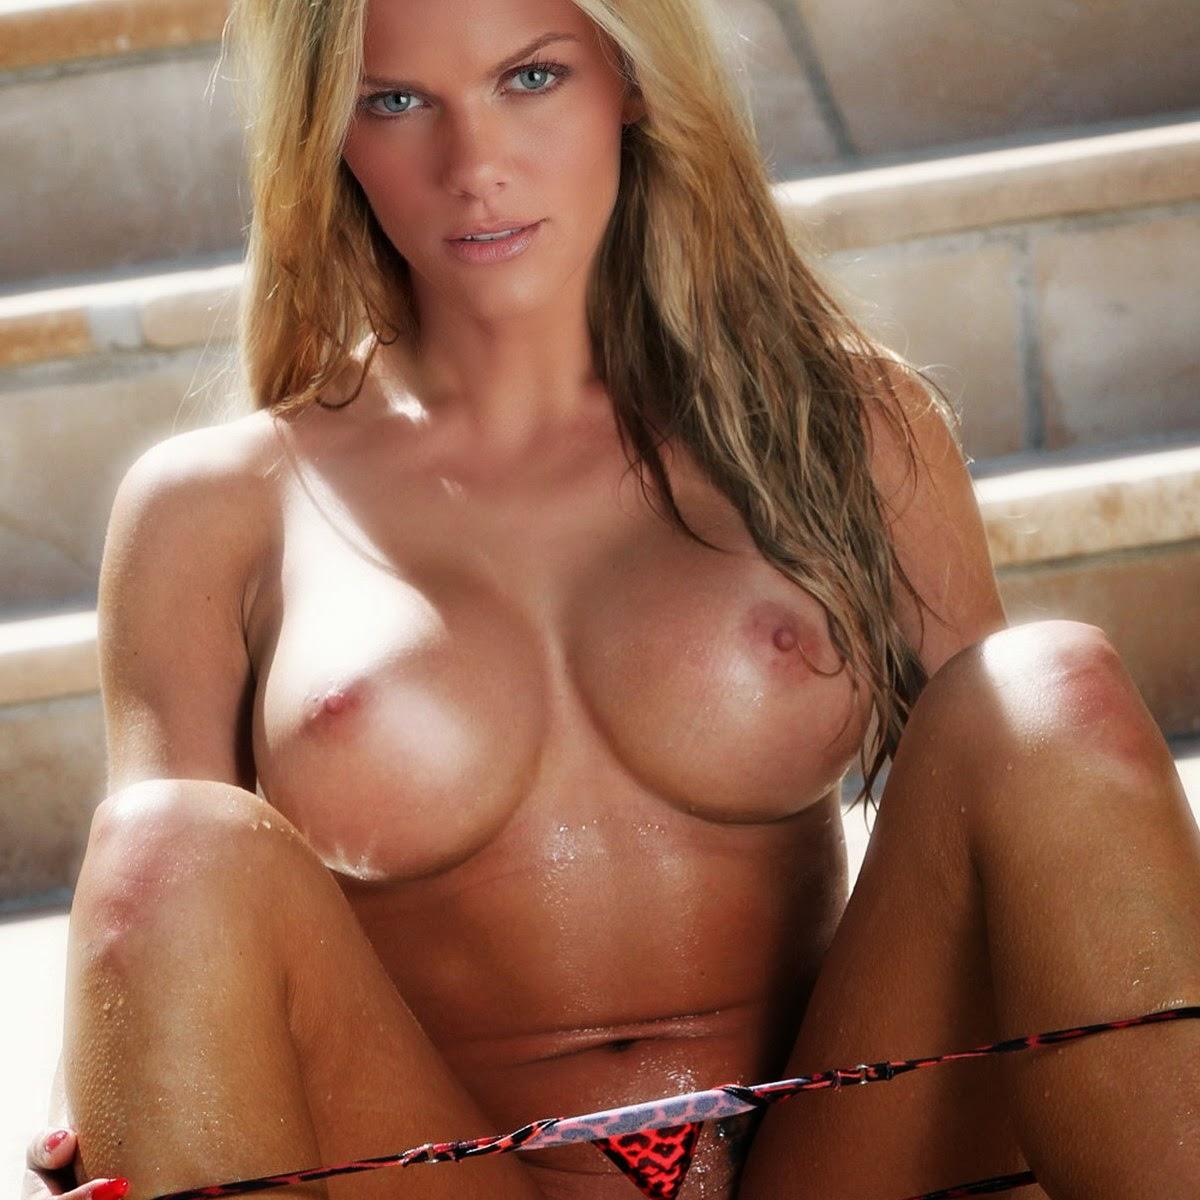 Pixie busty brooklyn decker nude